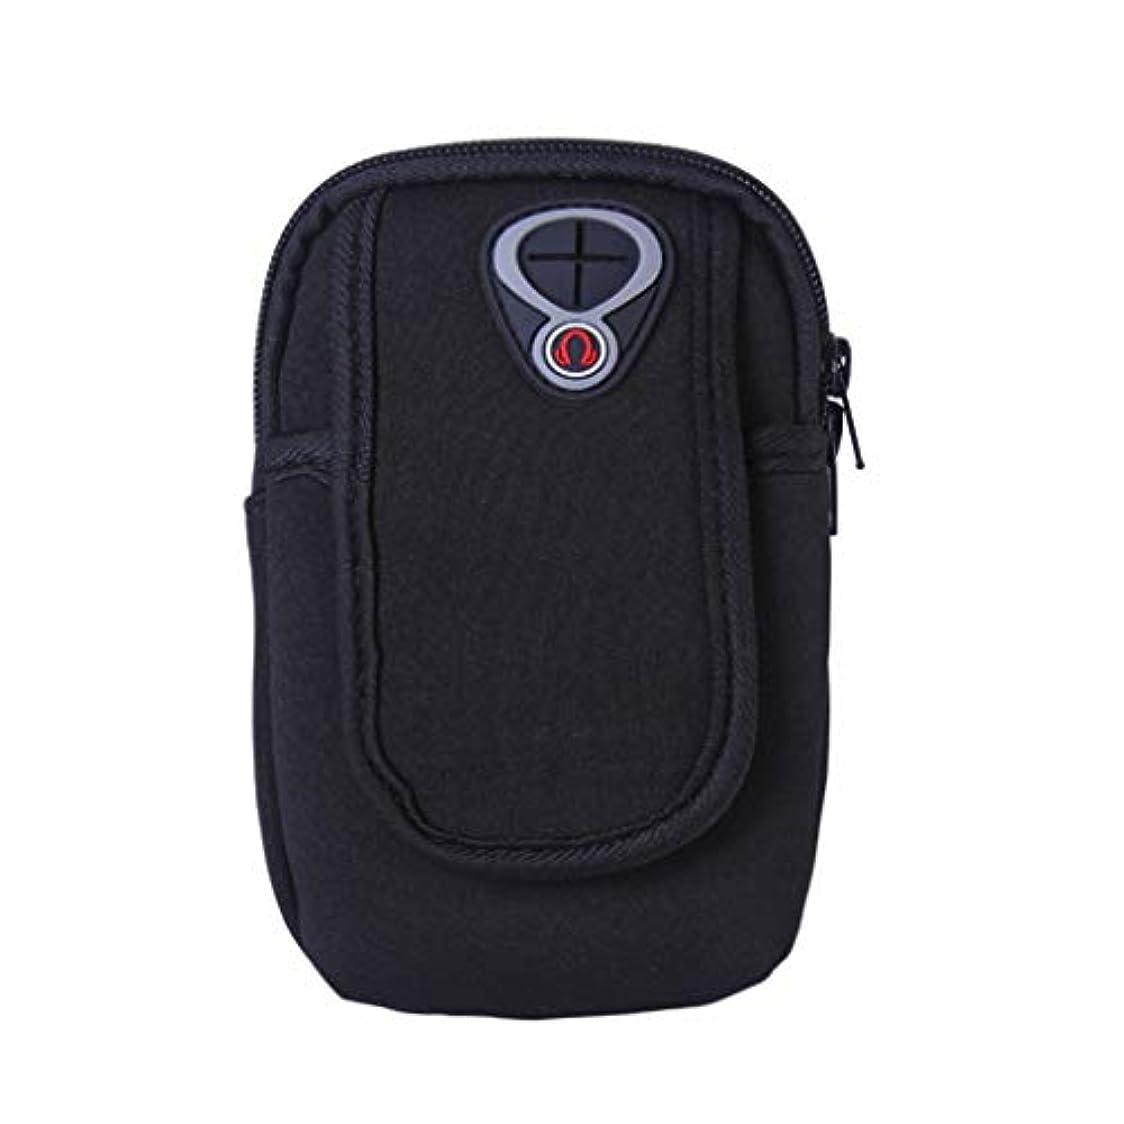 電気の致命的な寄付するスマートフォンホルダー 携帯ケース YOKINO 通気性抜群 小物収納 防水防汗 軽量 縫い目なし 調節可能 男女共用